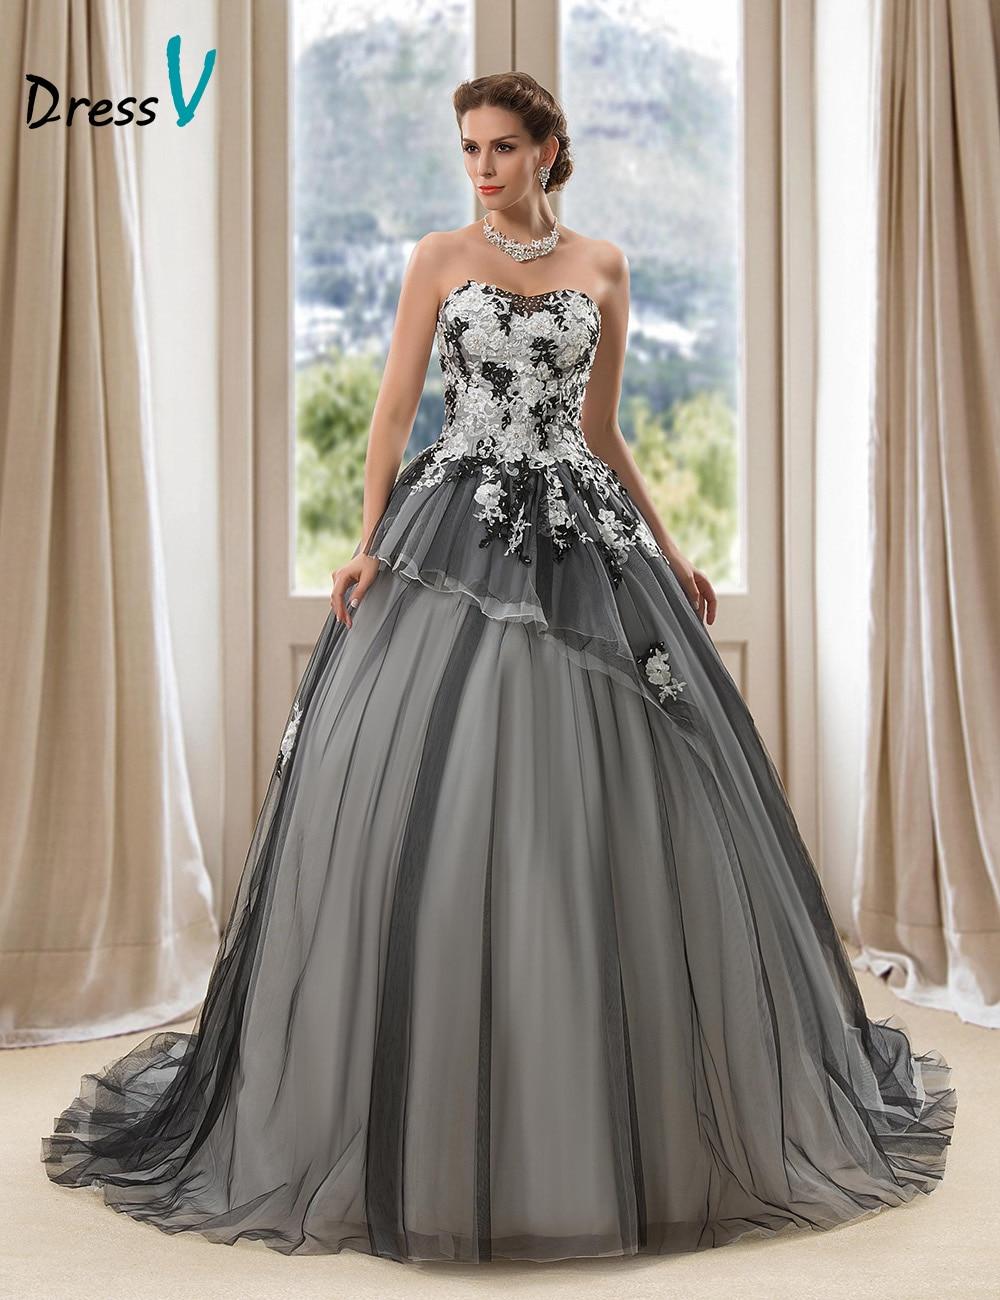 bridal gowns sundress wedding dress Azazie Winter BG